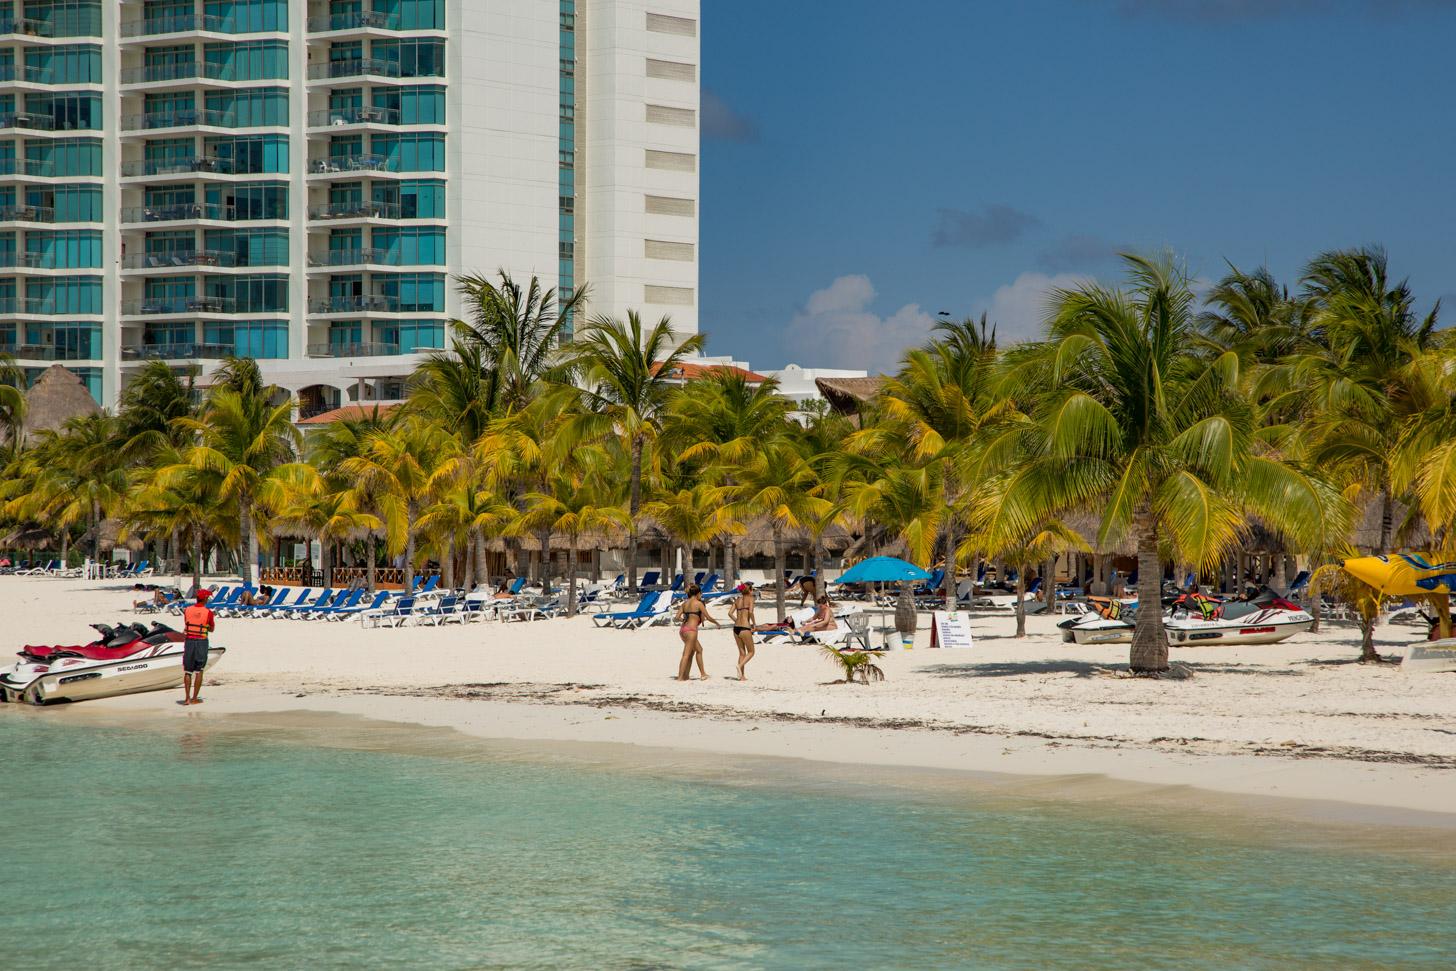 Strand in Cancun met wuivende palmen